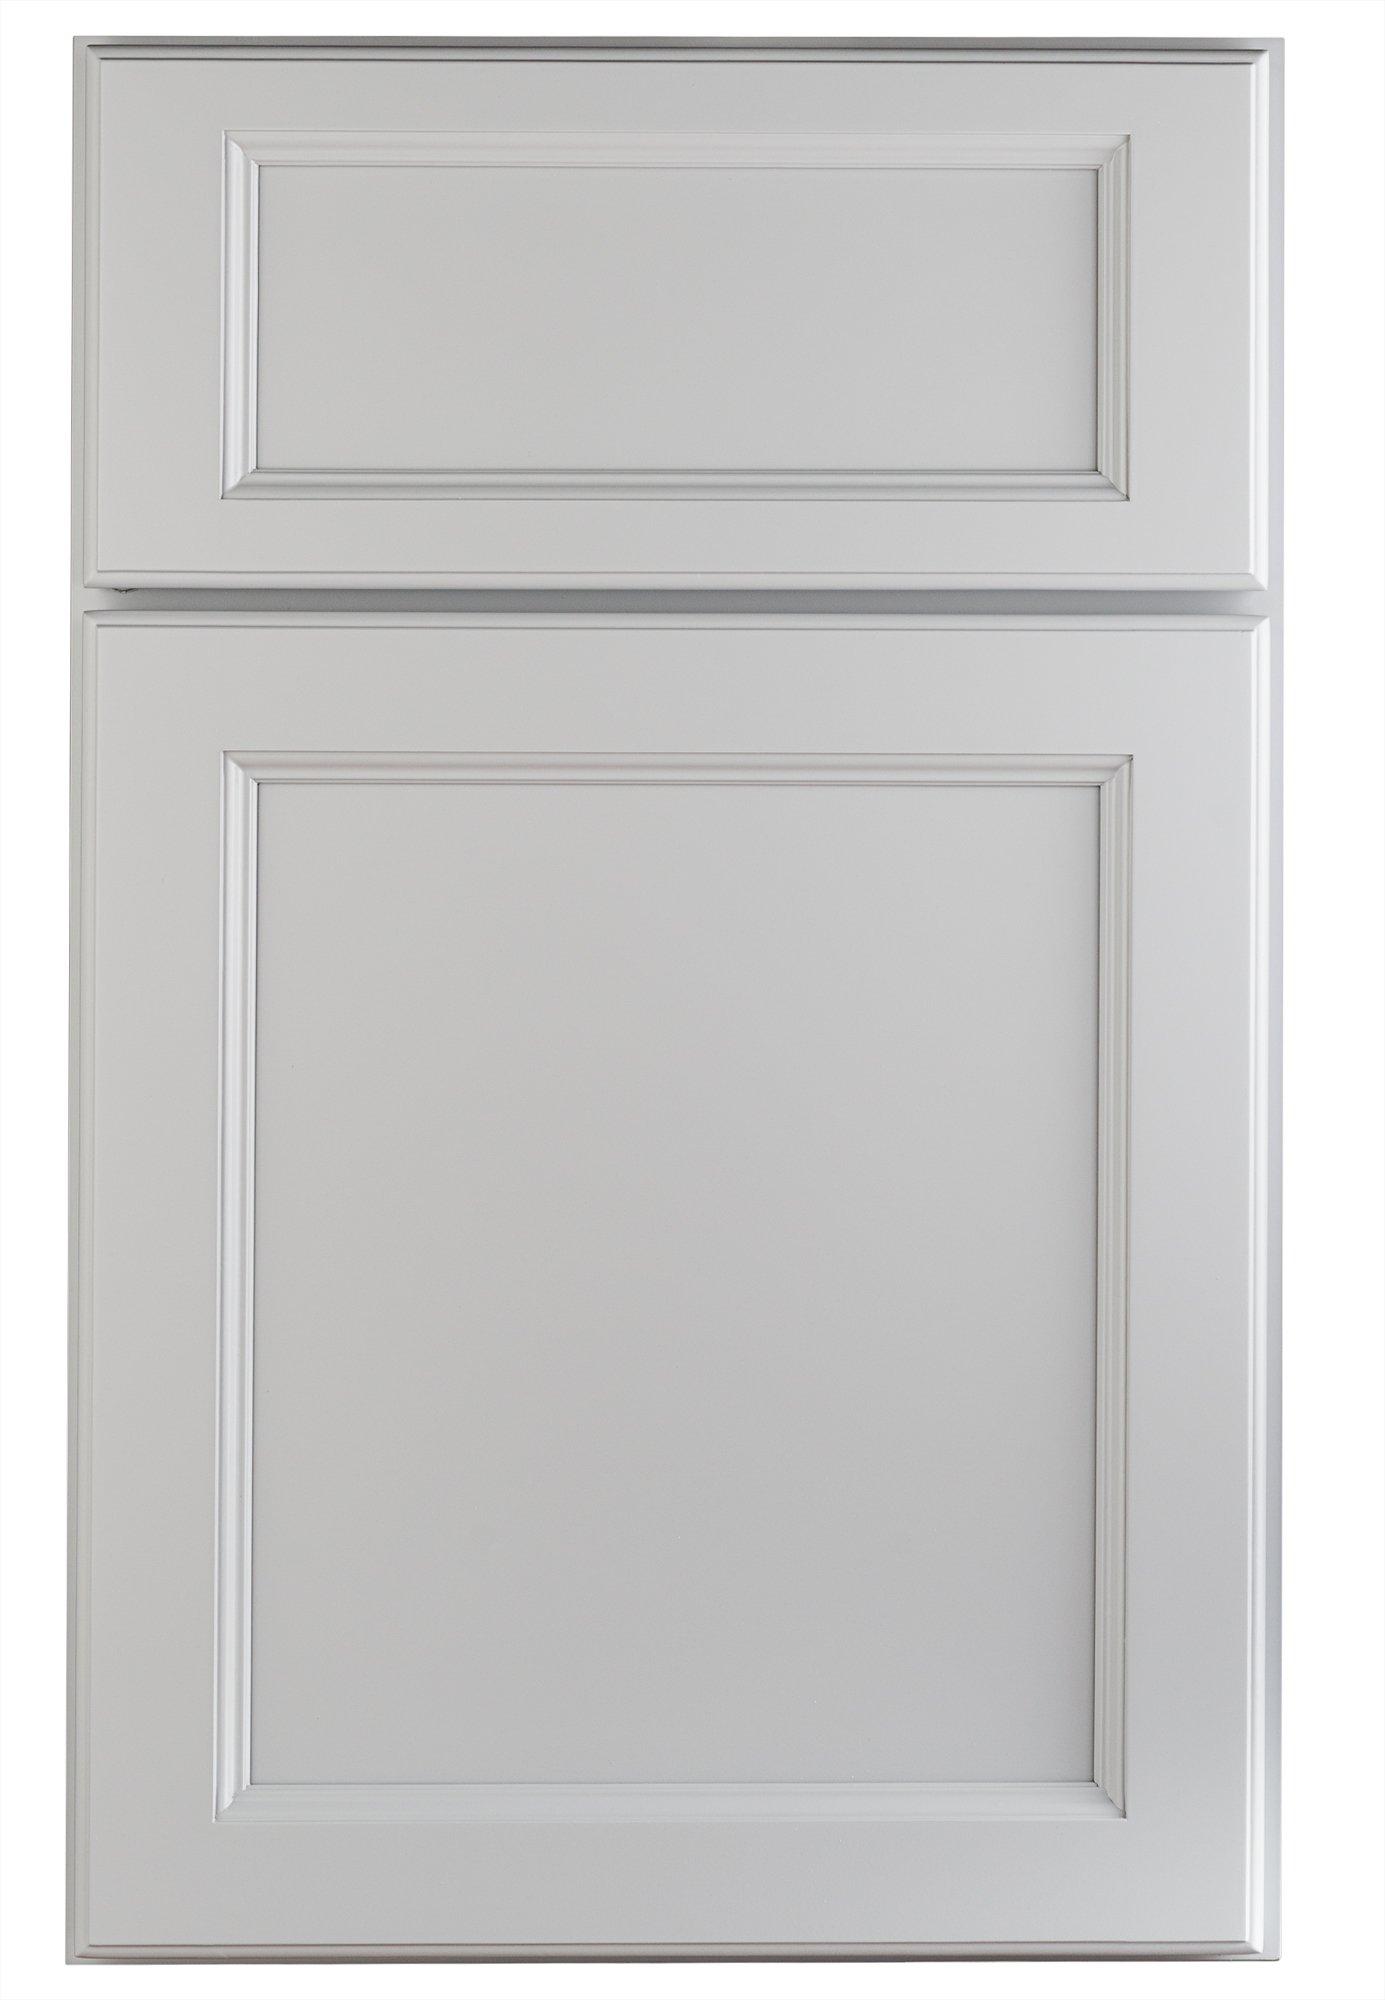 In House Kitchen Design Kitchen Cabinet Doors Gallery Dorchester